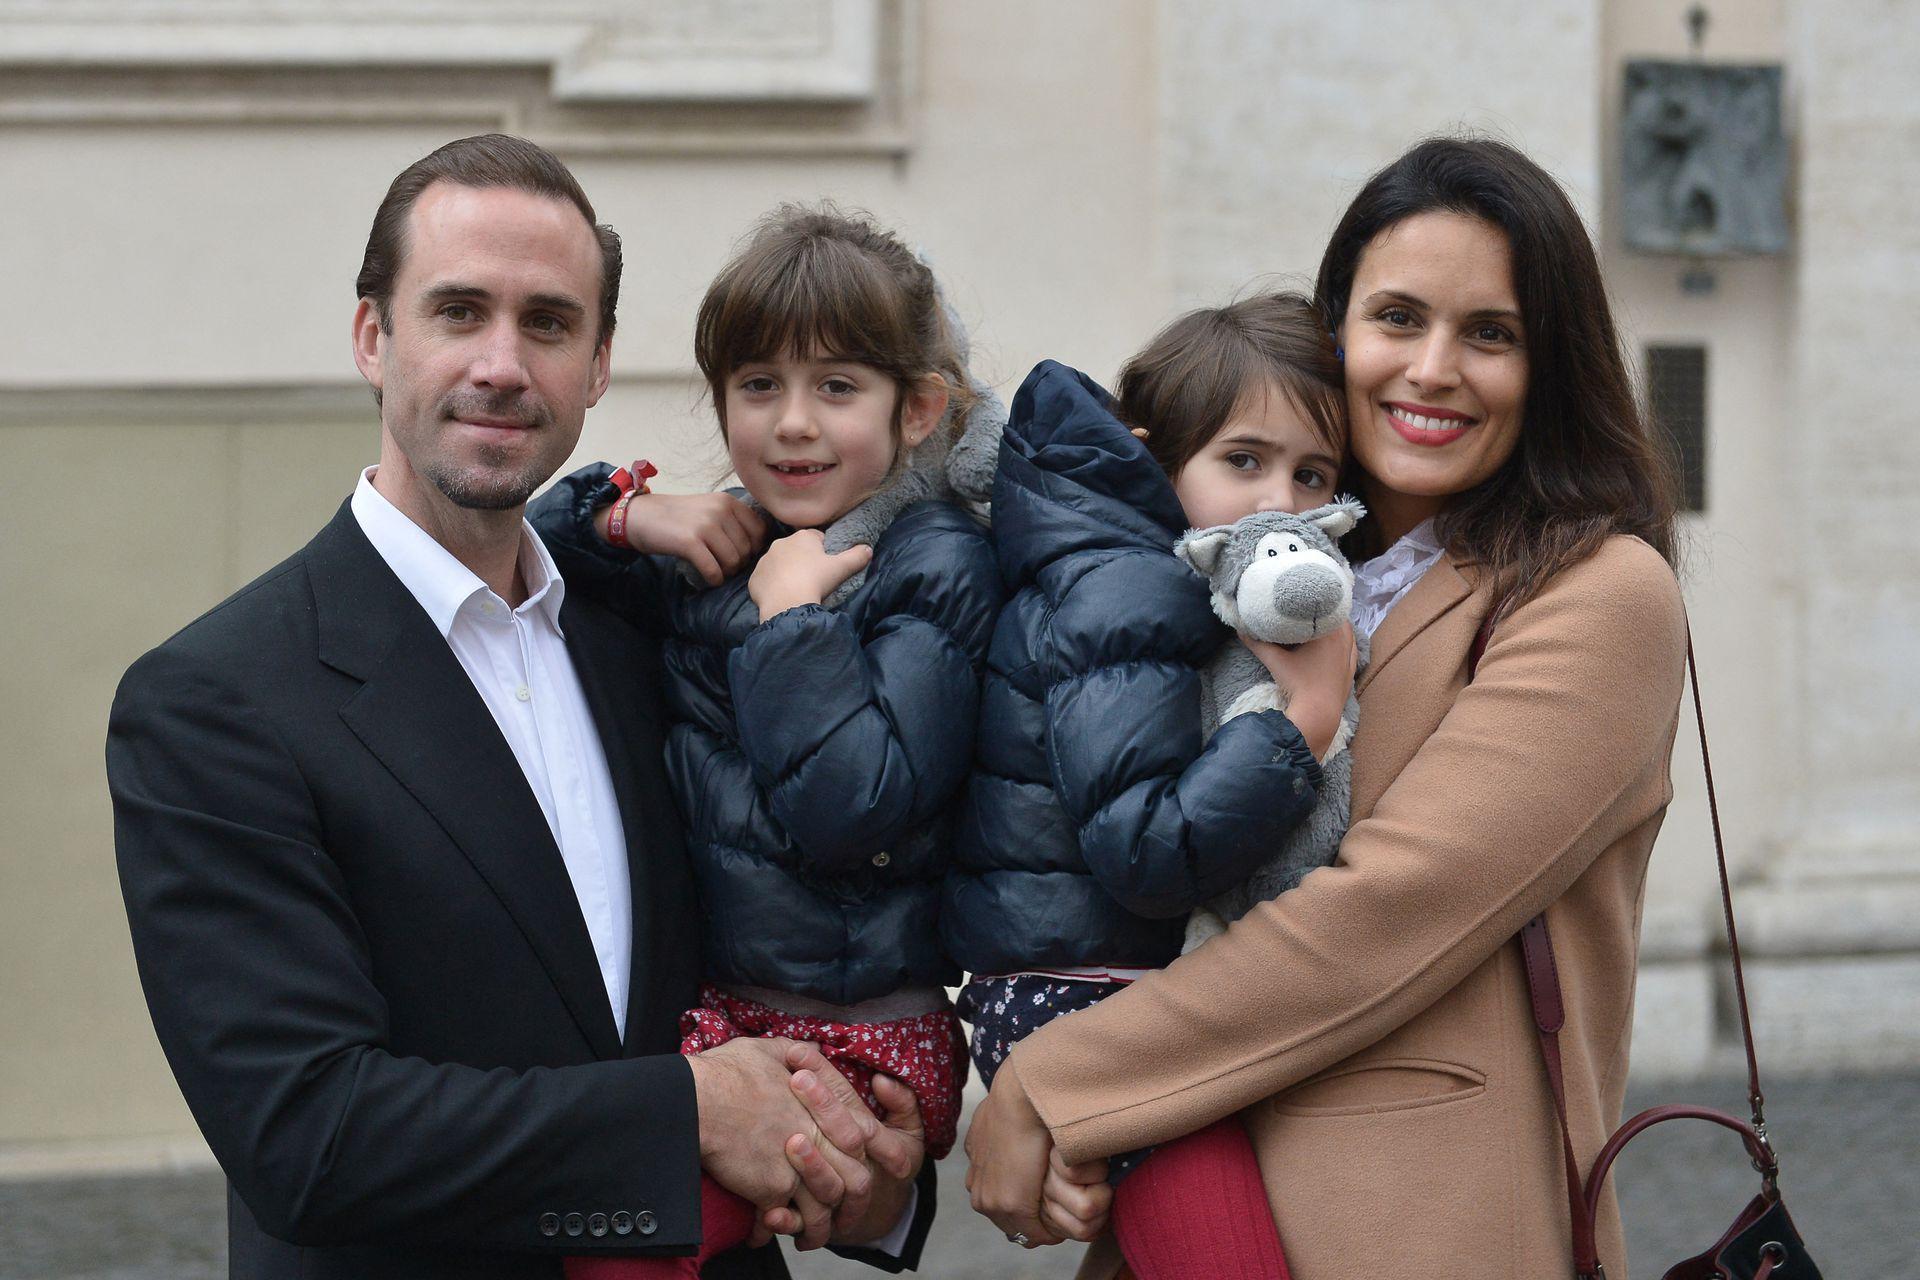 El actor británico Joseph Fiennes, su esposa María Dolores Diéguez y sus hijas en la plaza de San Pedro ante la audiencia general semanal del Papa Francisco, en 2016